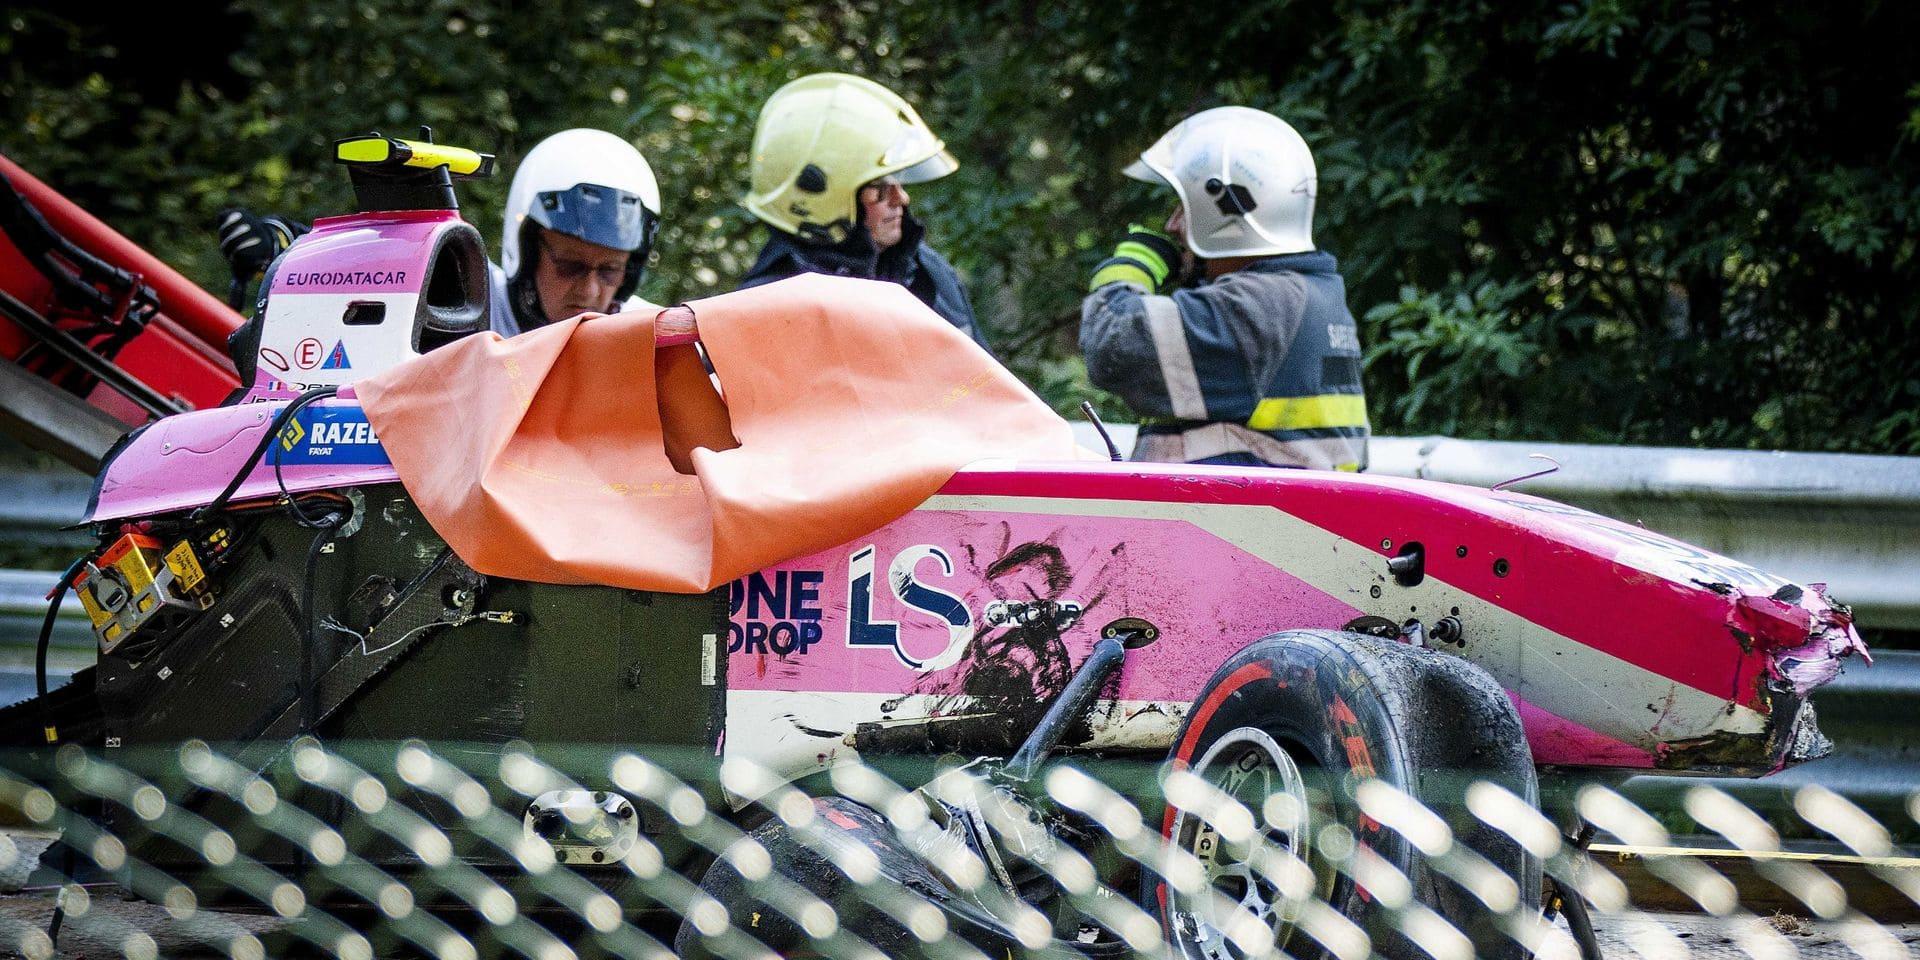 Personne n'est jugé responsable de l'accident mortel d'Anthoine Hubert à Spa-Francorchamps